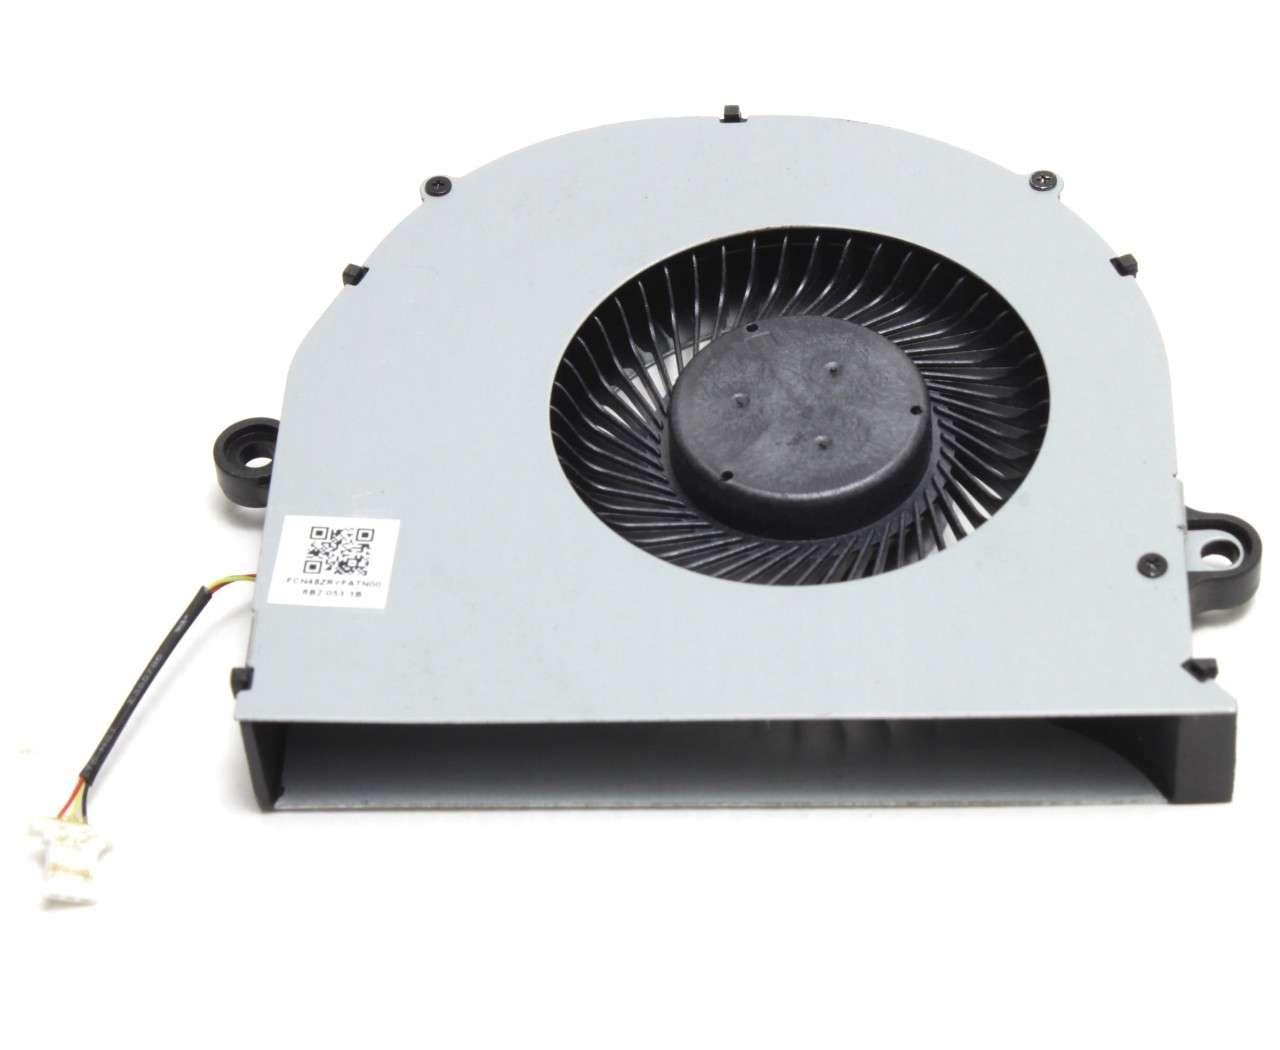 Cooler laptop Acer Extensa 2520G-51P0 12mm grosime imagine powerlaptop.ro 2021